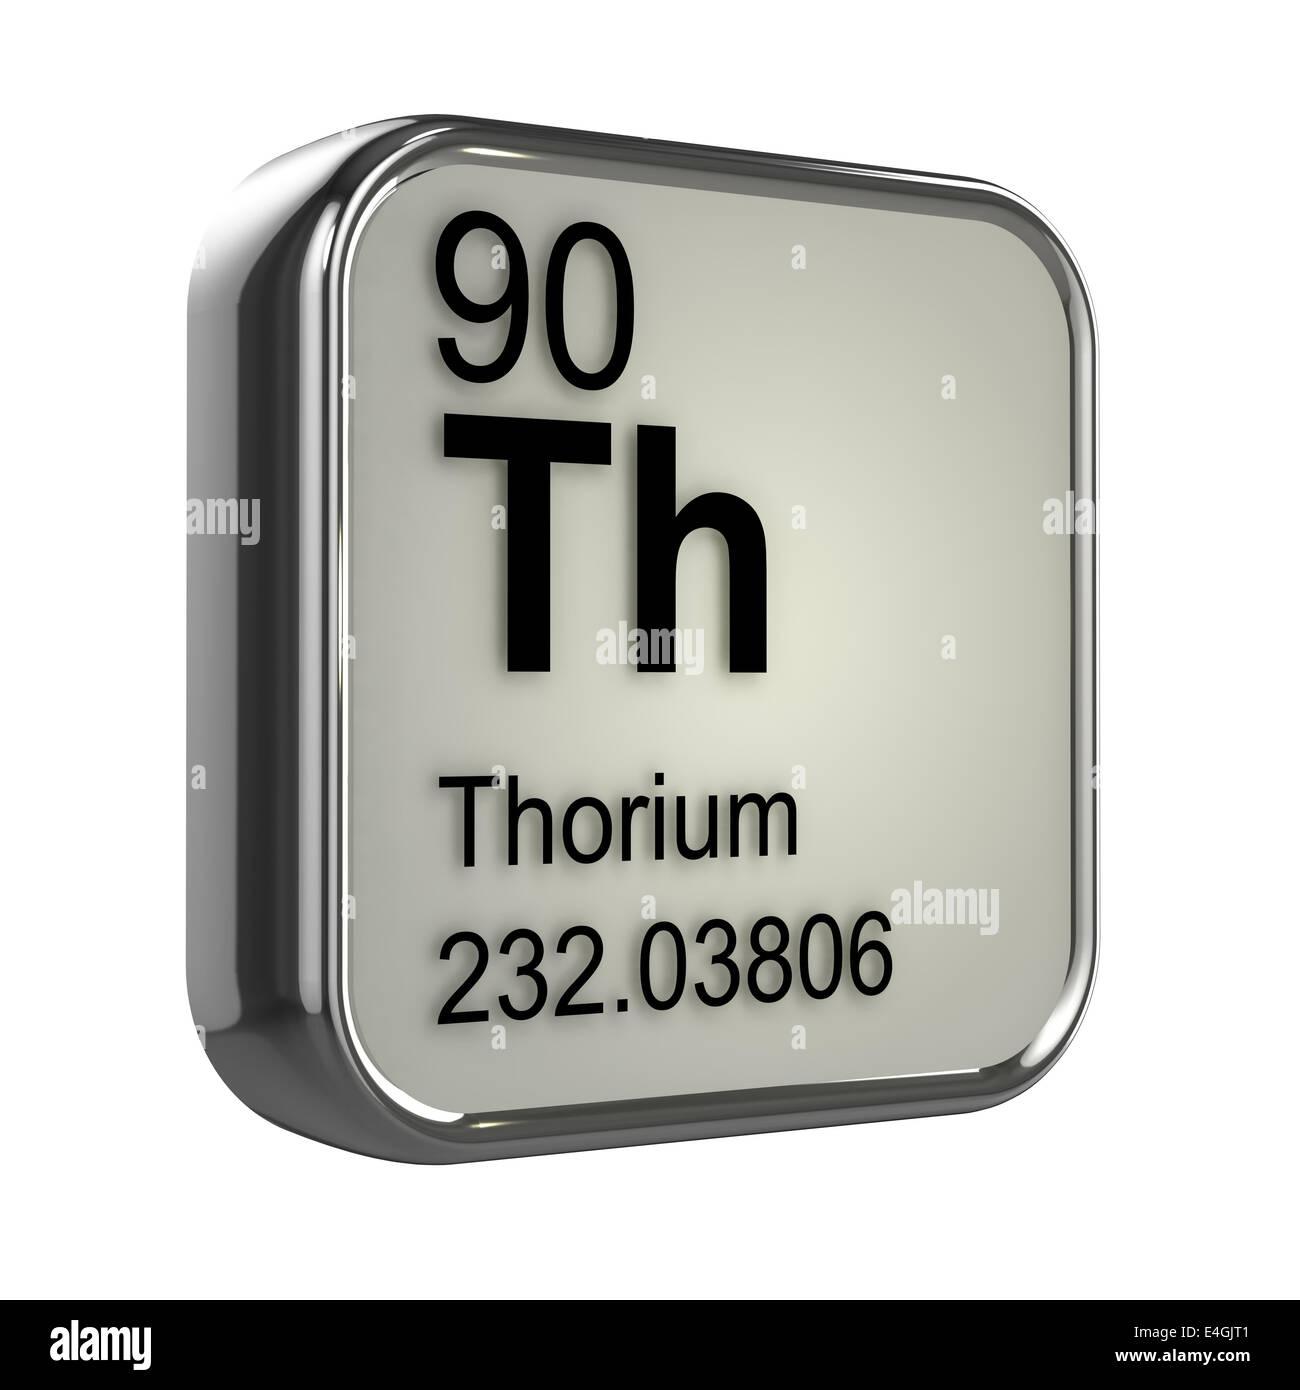 Thorium Stock Photos Thorium Stock Images Alamy